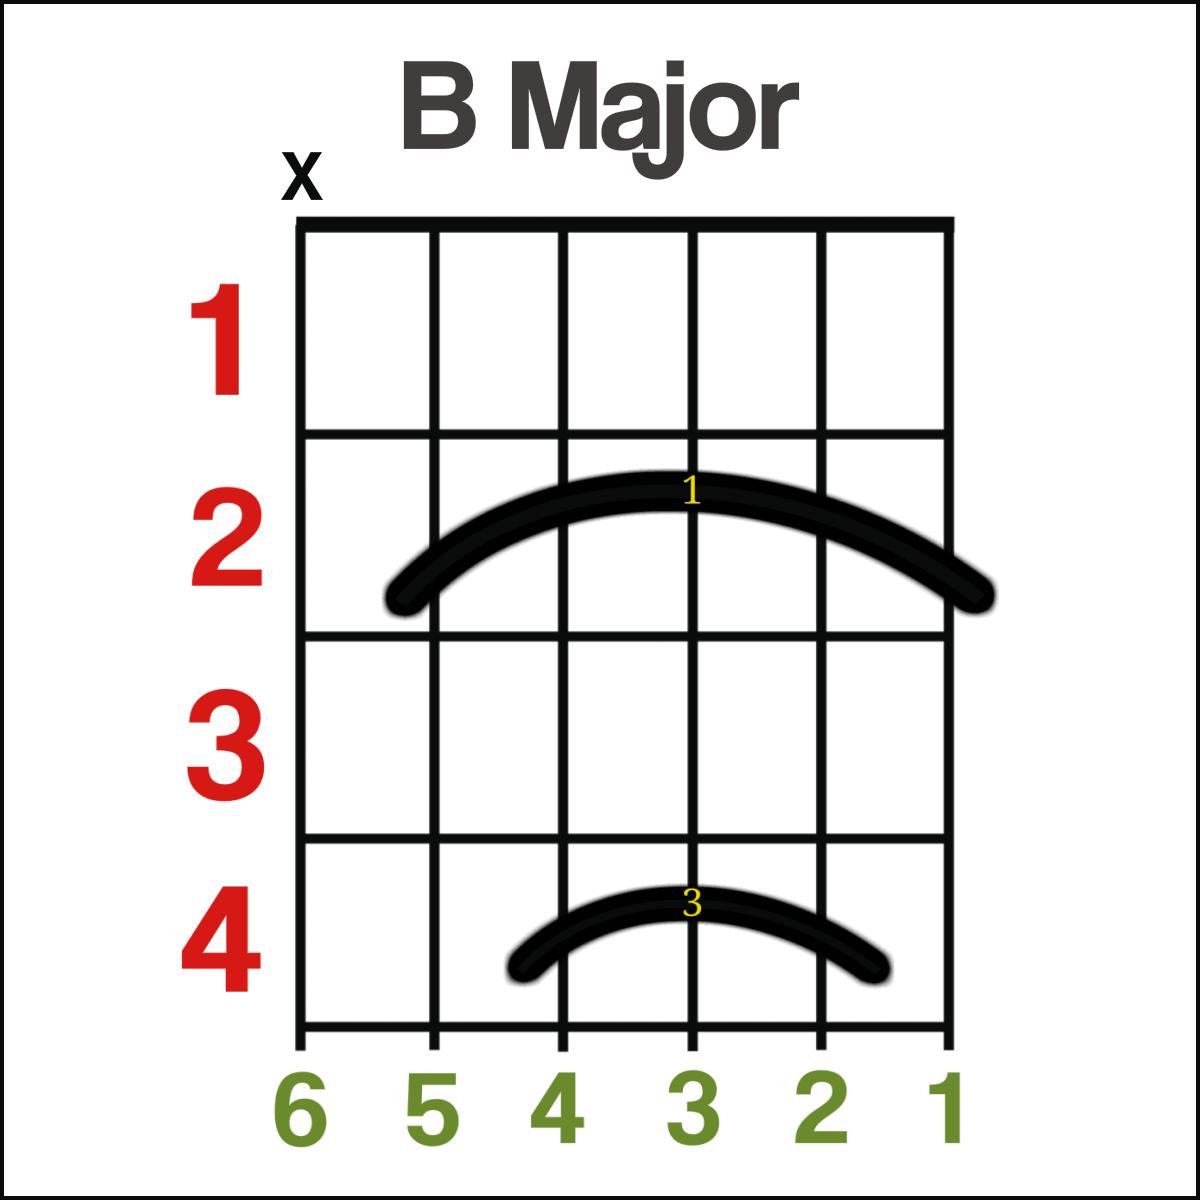 Lakdi ki kathi guitar chords images guitar chords examples f major chord guitar finger position gallery guitar chords examples guitar chords b major guitar chord hexwebz Images